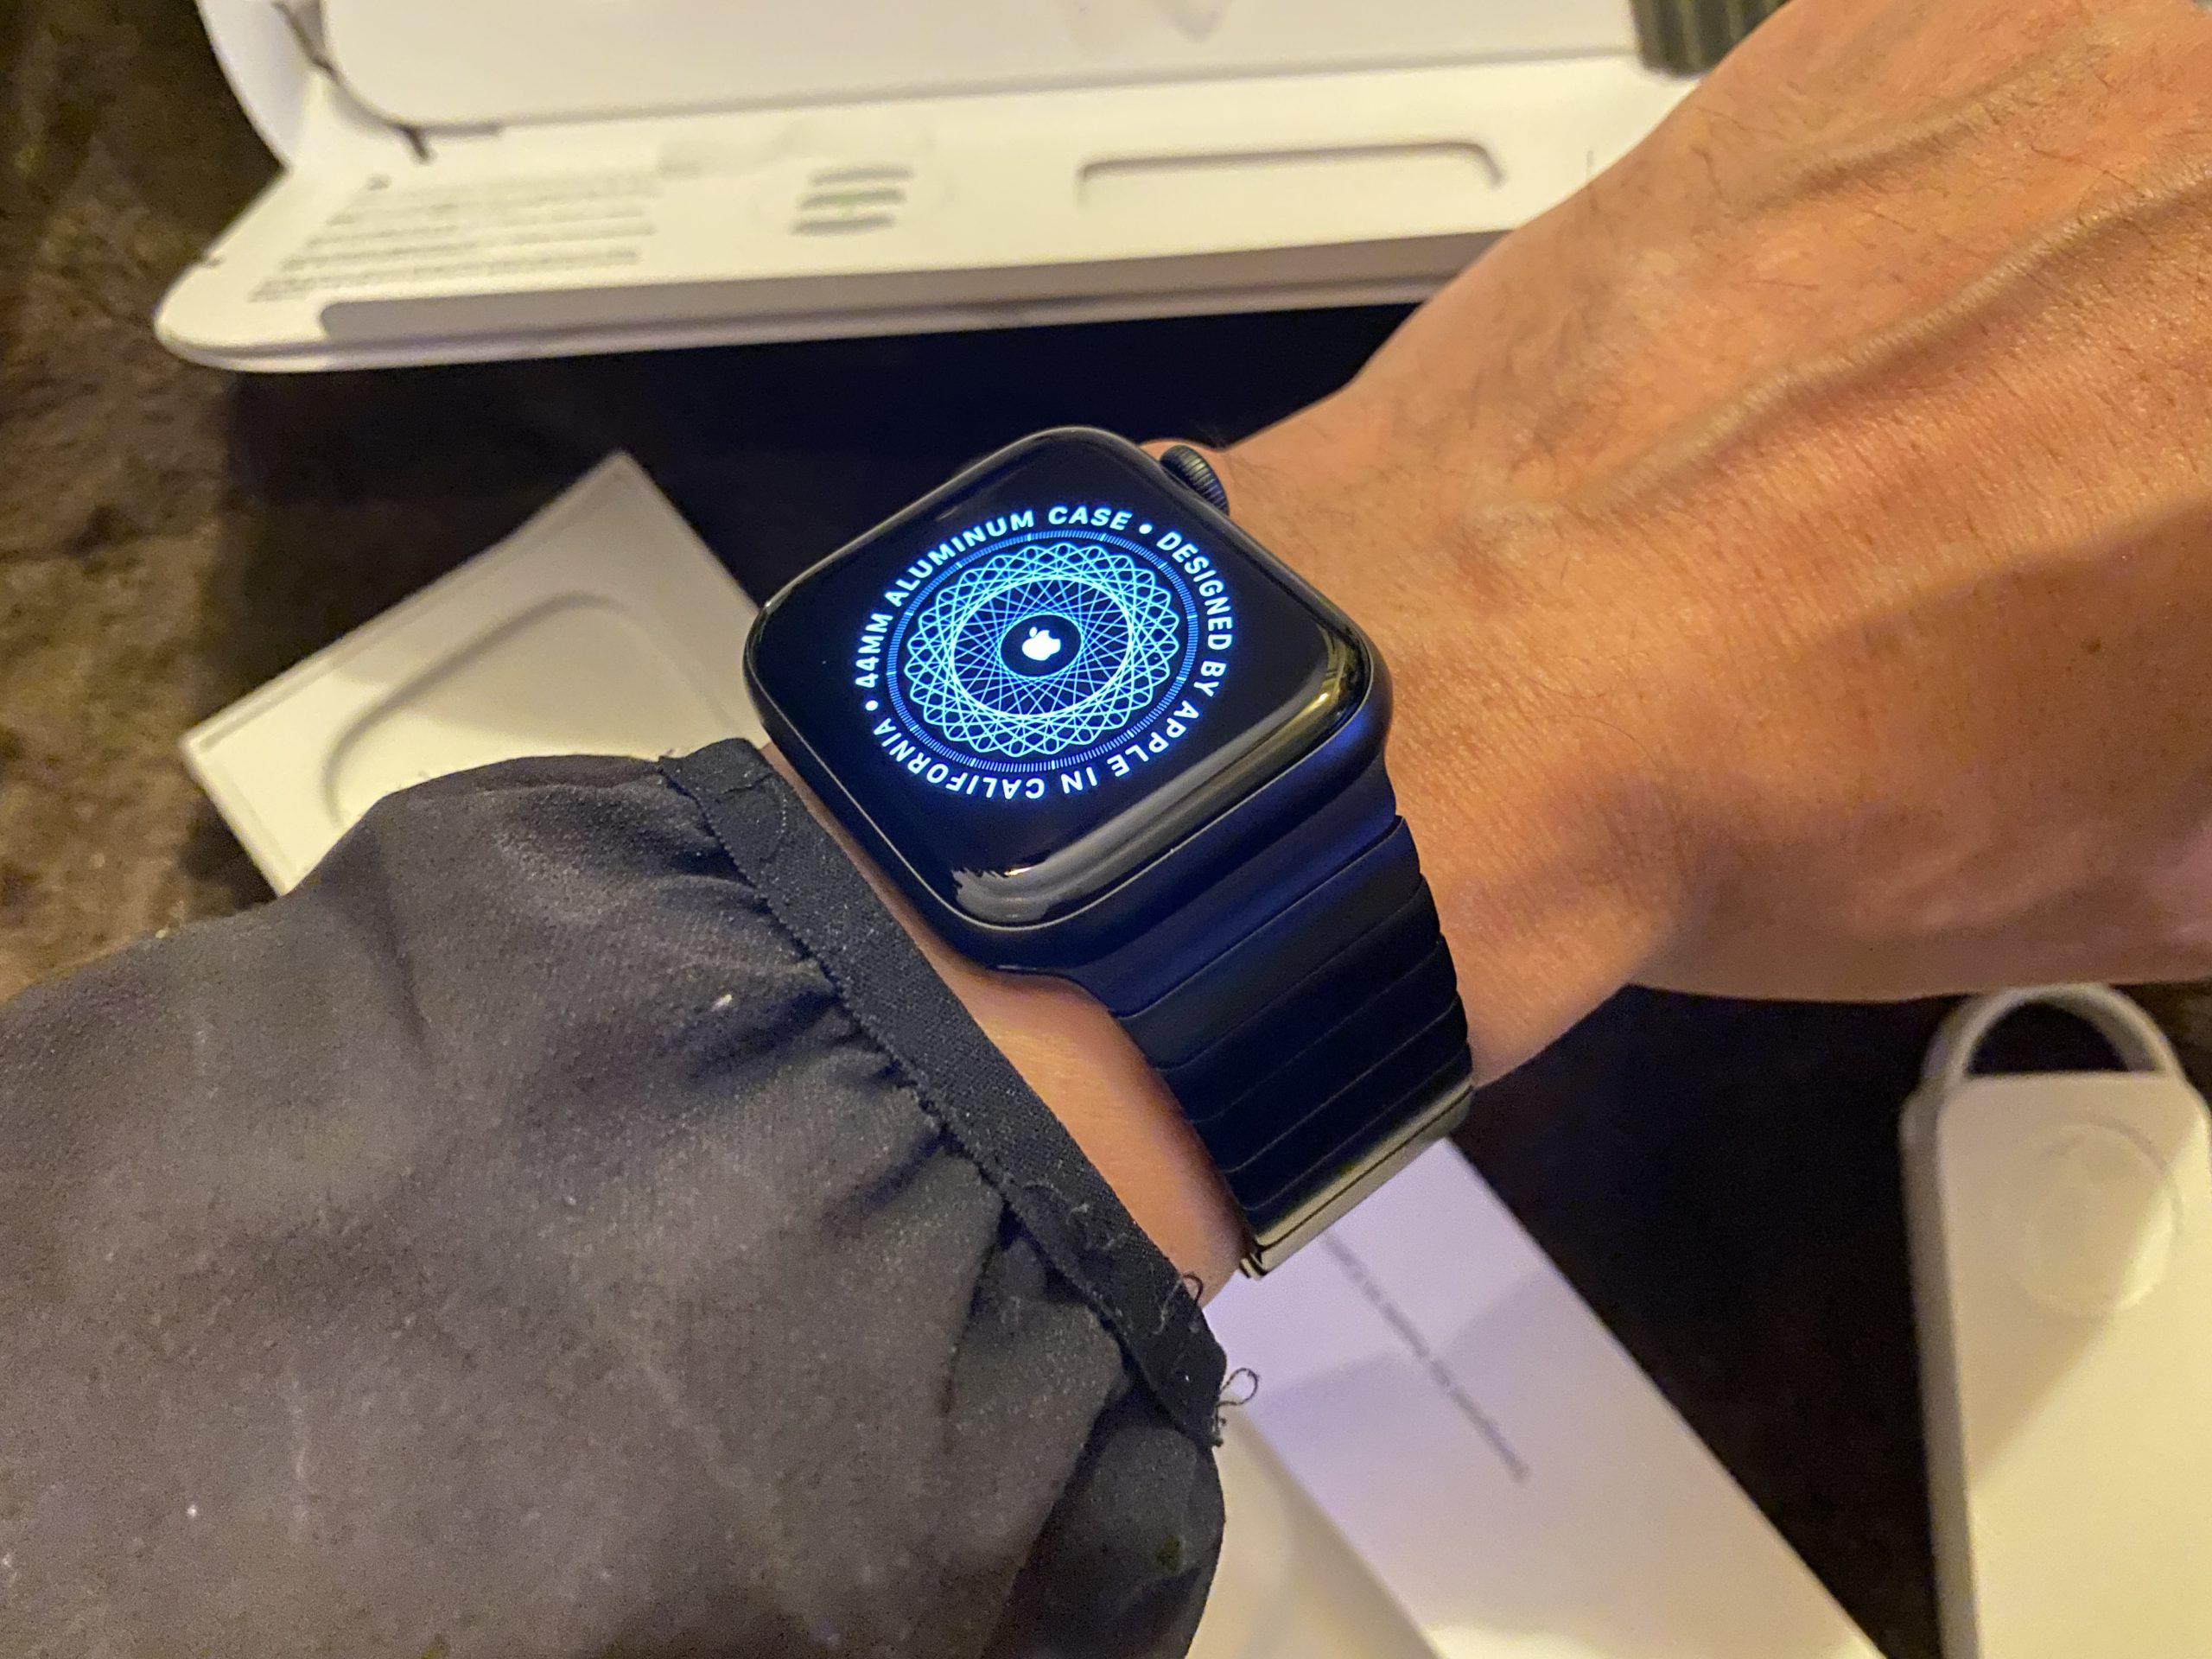 どうでしょう。装着しているところ。Apple Watch Series 6 -44mmスペースグレイアルミニウムケースとスペースブラックリンクブレスレット